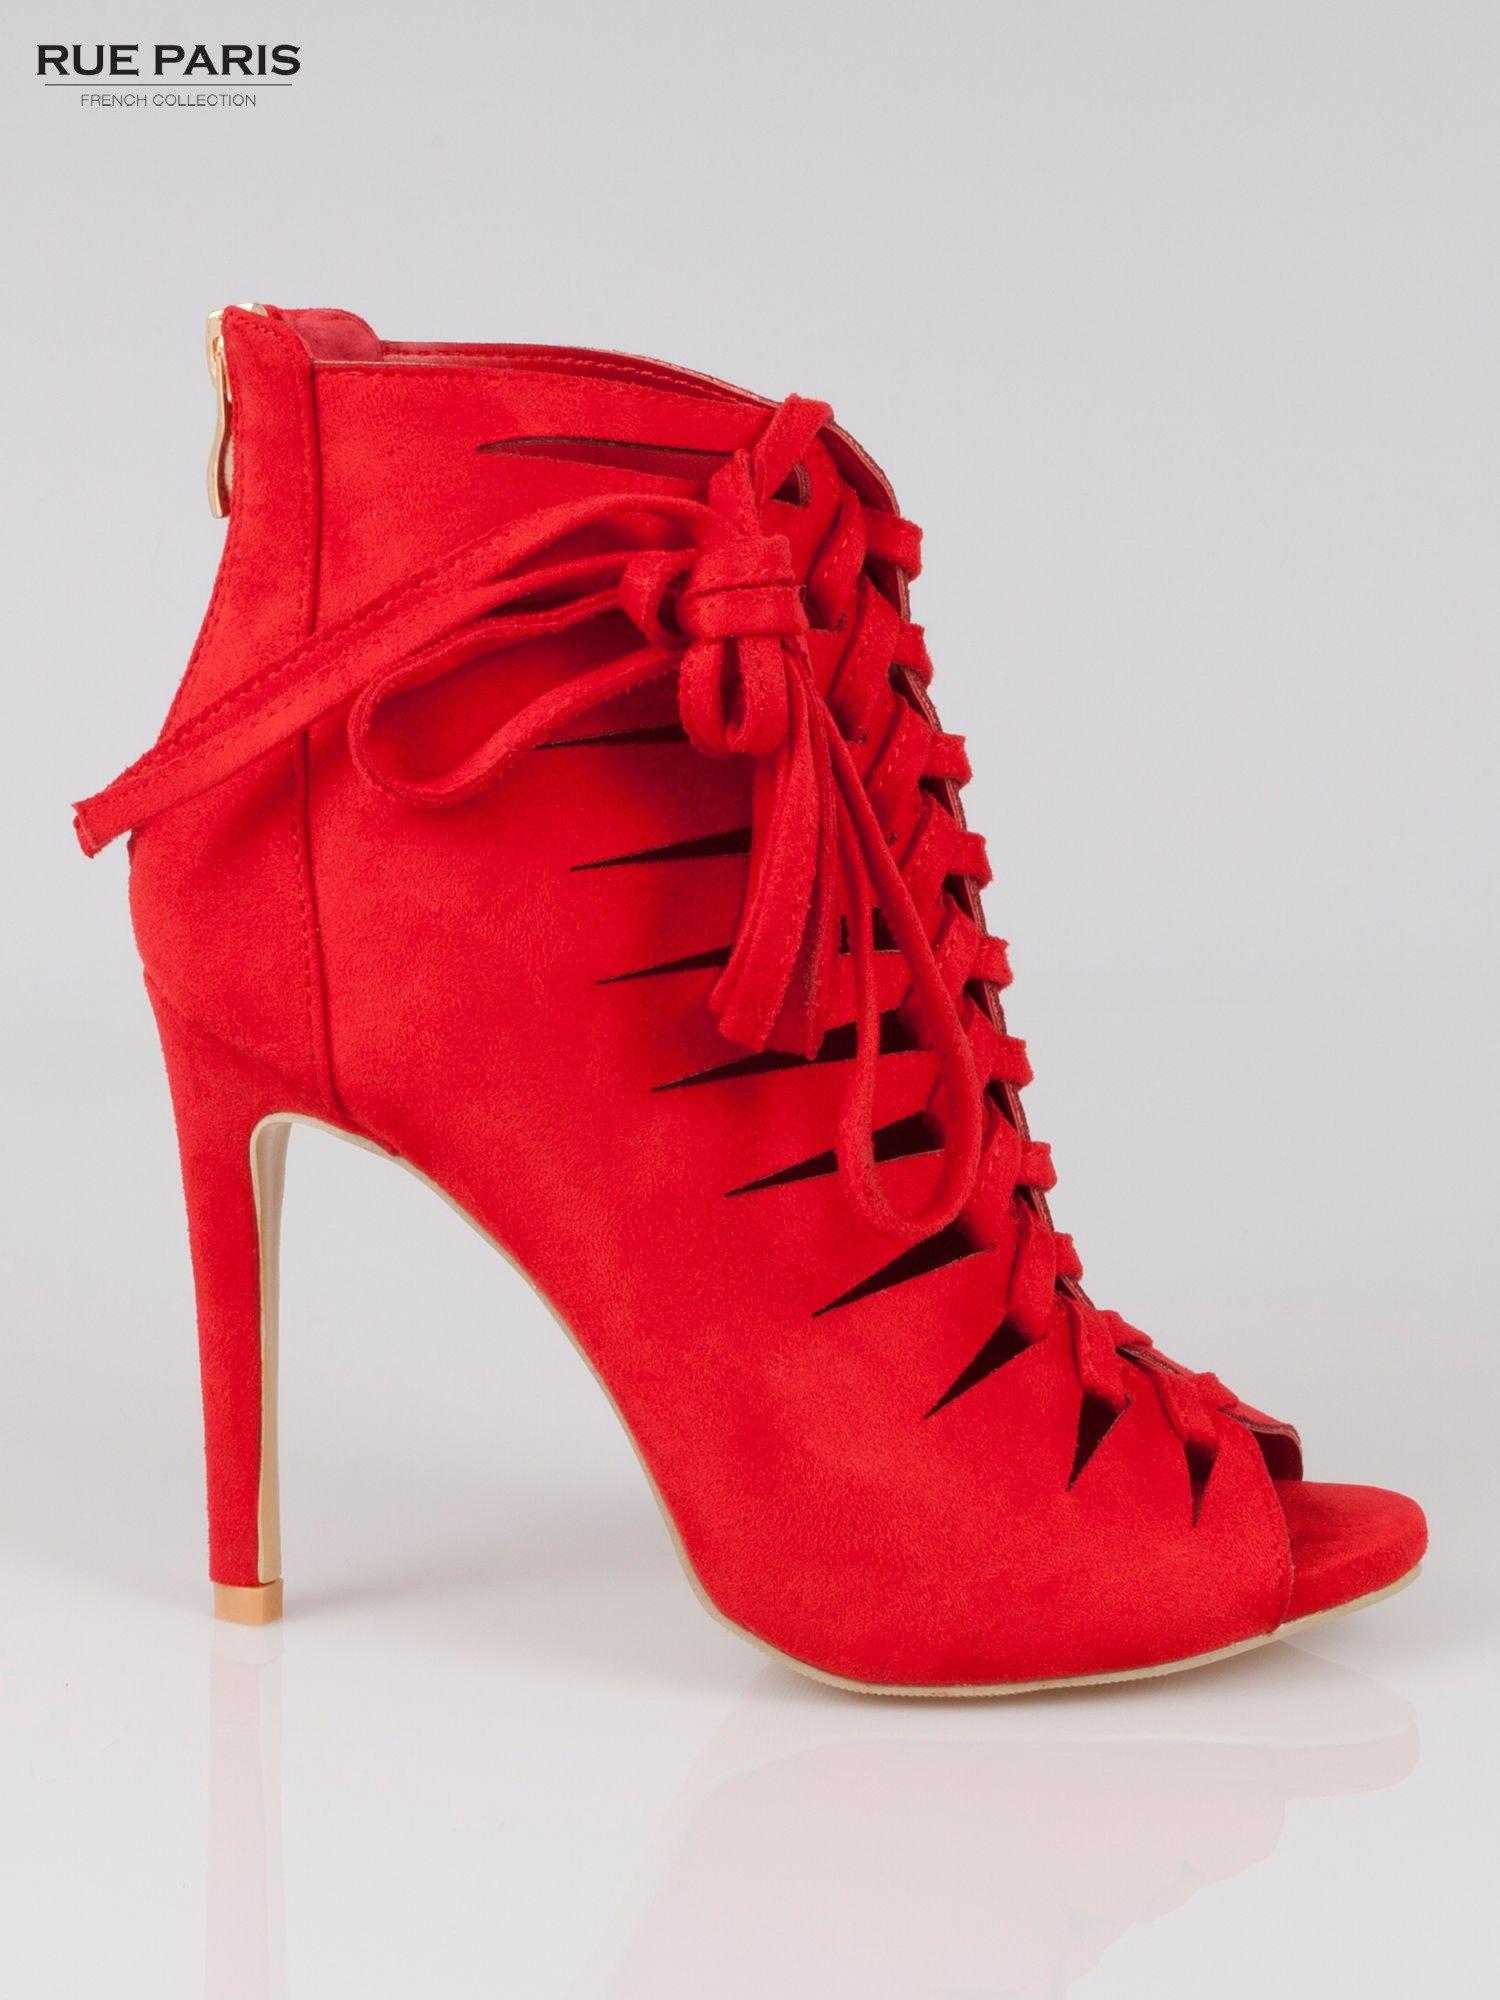 Czerwone sznurowane botki lace up z zamkiem                                  zdj.                                  1